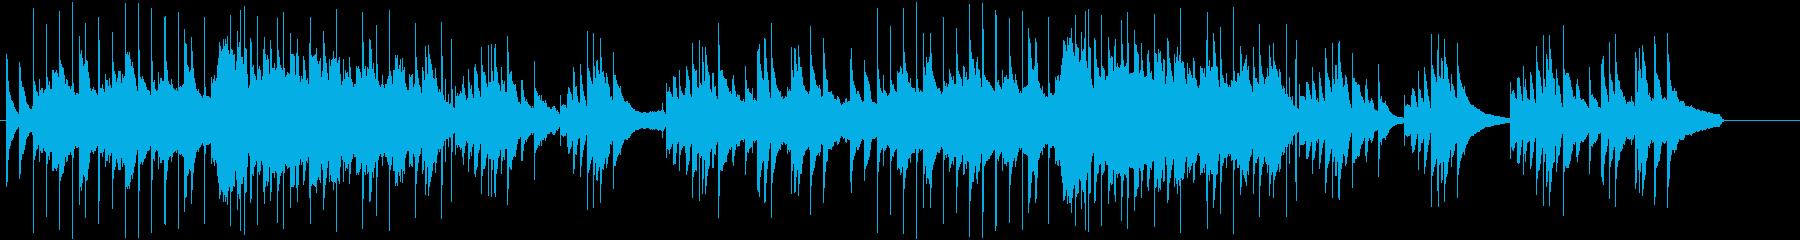 和風の落ち着いた琴と尺八の使いやすい曲の再生済みの波形